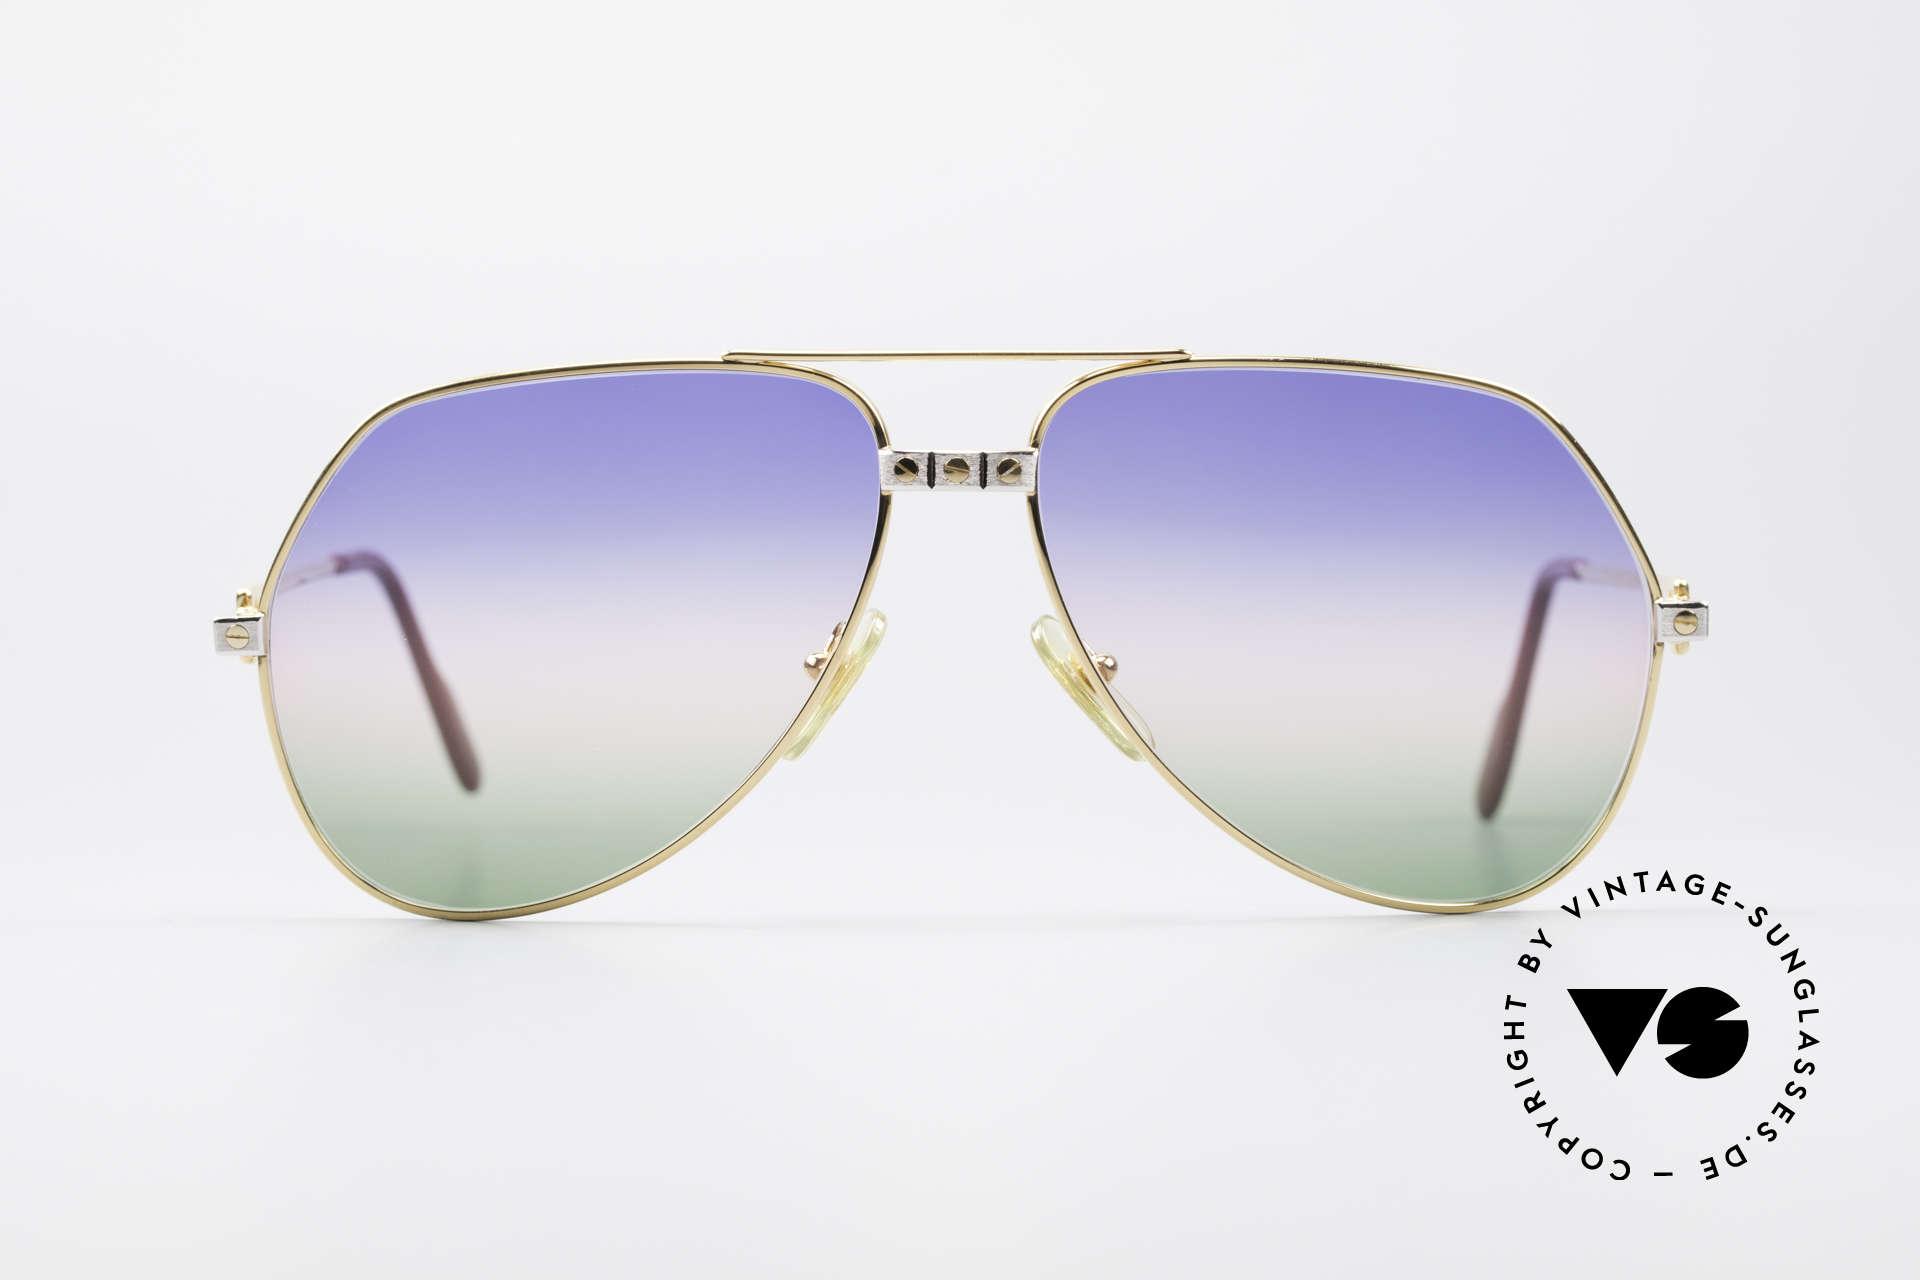 Cartier Vendome Santos - L Rare Luxus Sonnenbrille 80er, wurde 1983 veröffentlicht und dann bis 1997 produziert, Passend für Herren